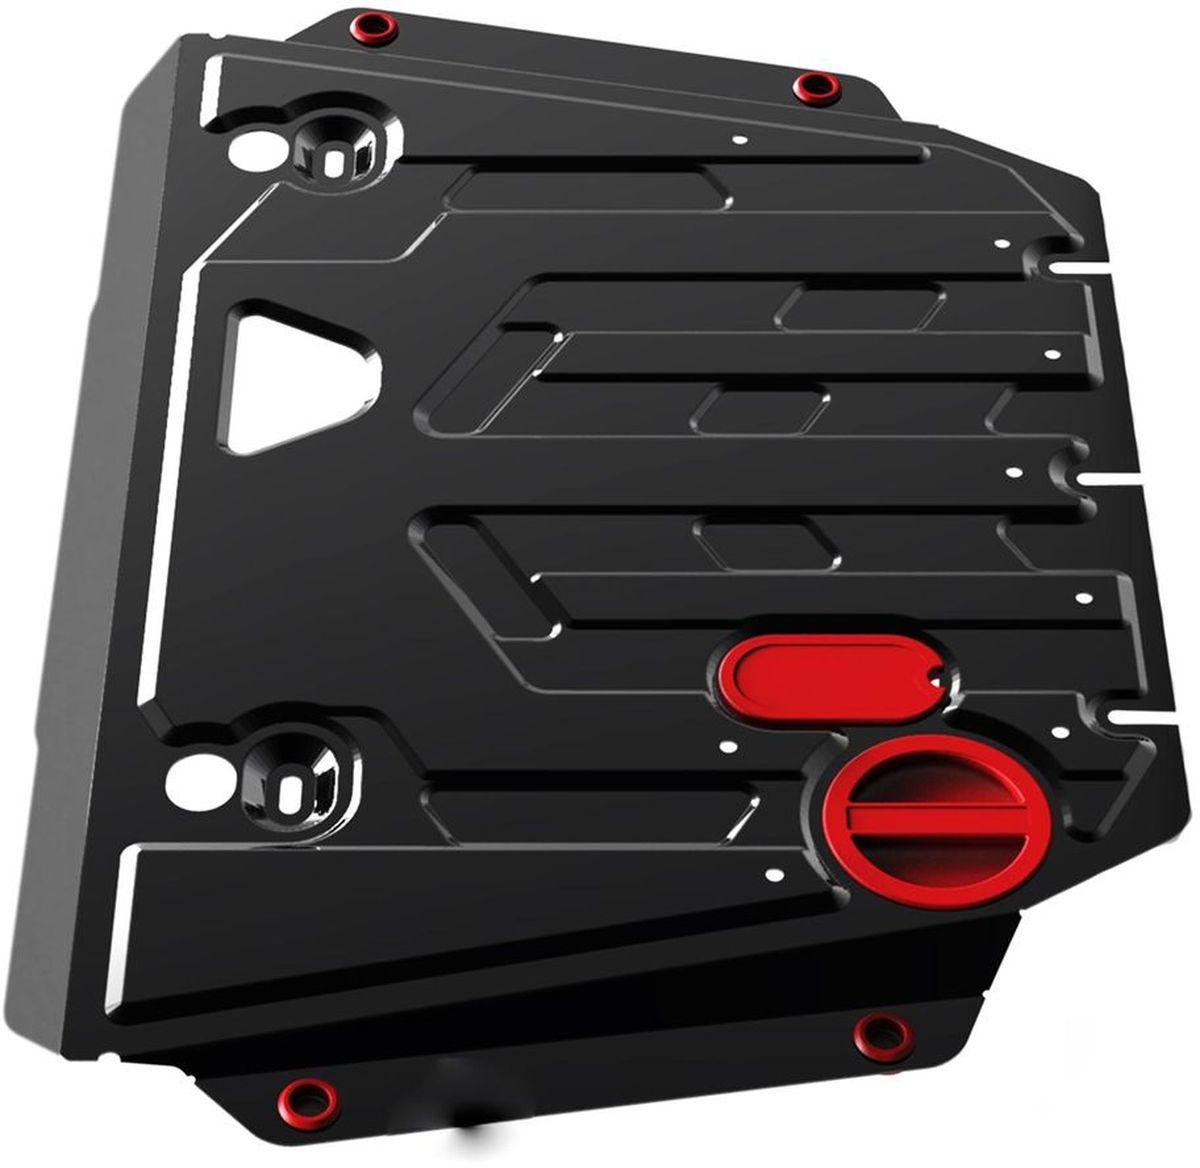 Защита картера и КПП Автоброня Haval H2 2014-, сталь 2 мм111.09401.1Защита картера и КПП Автоброня Haval H2 МКПП 4WD, V - 1,5T 2014-, сталь 2 мм, комплект крепежа, 111.09401.1Стальные защиты Автоброня надежно защищают ваш автомобиль от повреждений при наезде на бордюры, выступающие канализационные люки, кромки поврежденного асфальта или при ремонте дорог, не говоря уже о загородных дорогах.- Имеют оптимальное соотношение цена-качество.- Спроектированы с учетом особенностей автомобиля, что делает установку удобной.- Защита устанавливается в штатные места кузова автомобиля.- Является надежной защитой для важных элементов на протяжении долгих лет.- Глубокий штамп дополнительно усиливает конструкцию защиты.- Подштамповка в местах крепления защищает крепеж от срезания.- Технологические отверстия там, где они необходимы для смены масла и слива воды, оборудованные заглушками, закрепленными на защите.Толщина стали 2 мм.В комплекте крепеж и инструкция по установке.Уважаемые клиенты!Обращаем ваше внимание на тот факт, что защита имеет форму, соответствующую модели данного автомобиля. Наличие глубокого штампа и лючков для смены фильтров/масла предусмотрено не на всех защитах. Фото служит для визуального восприятия товара.